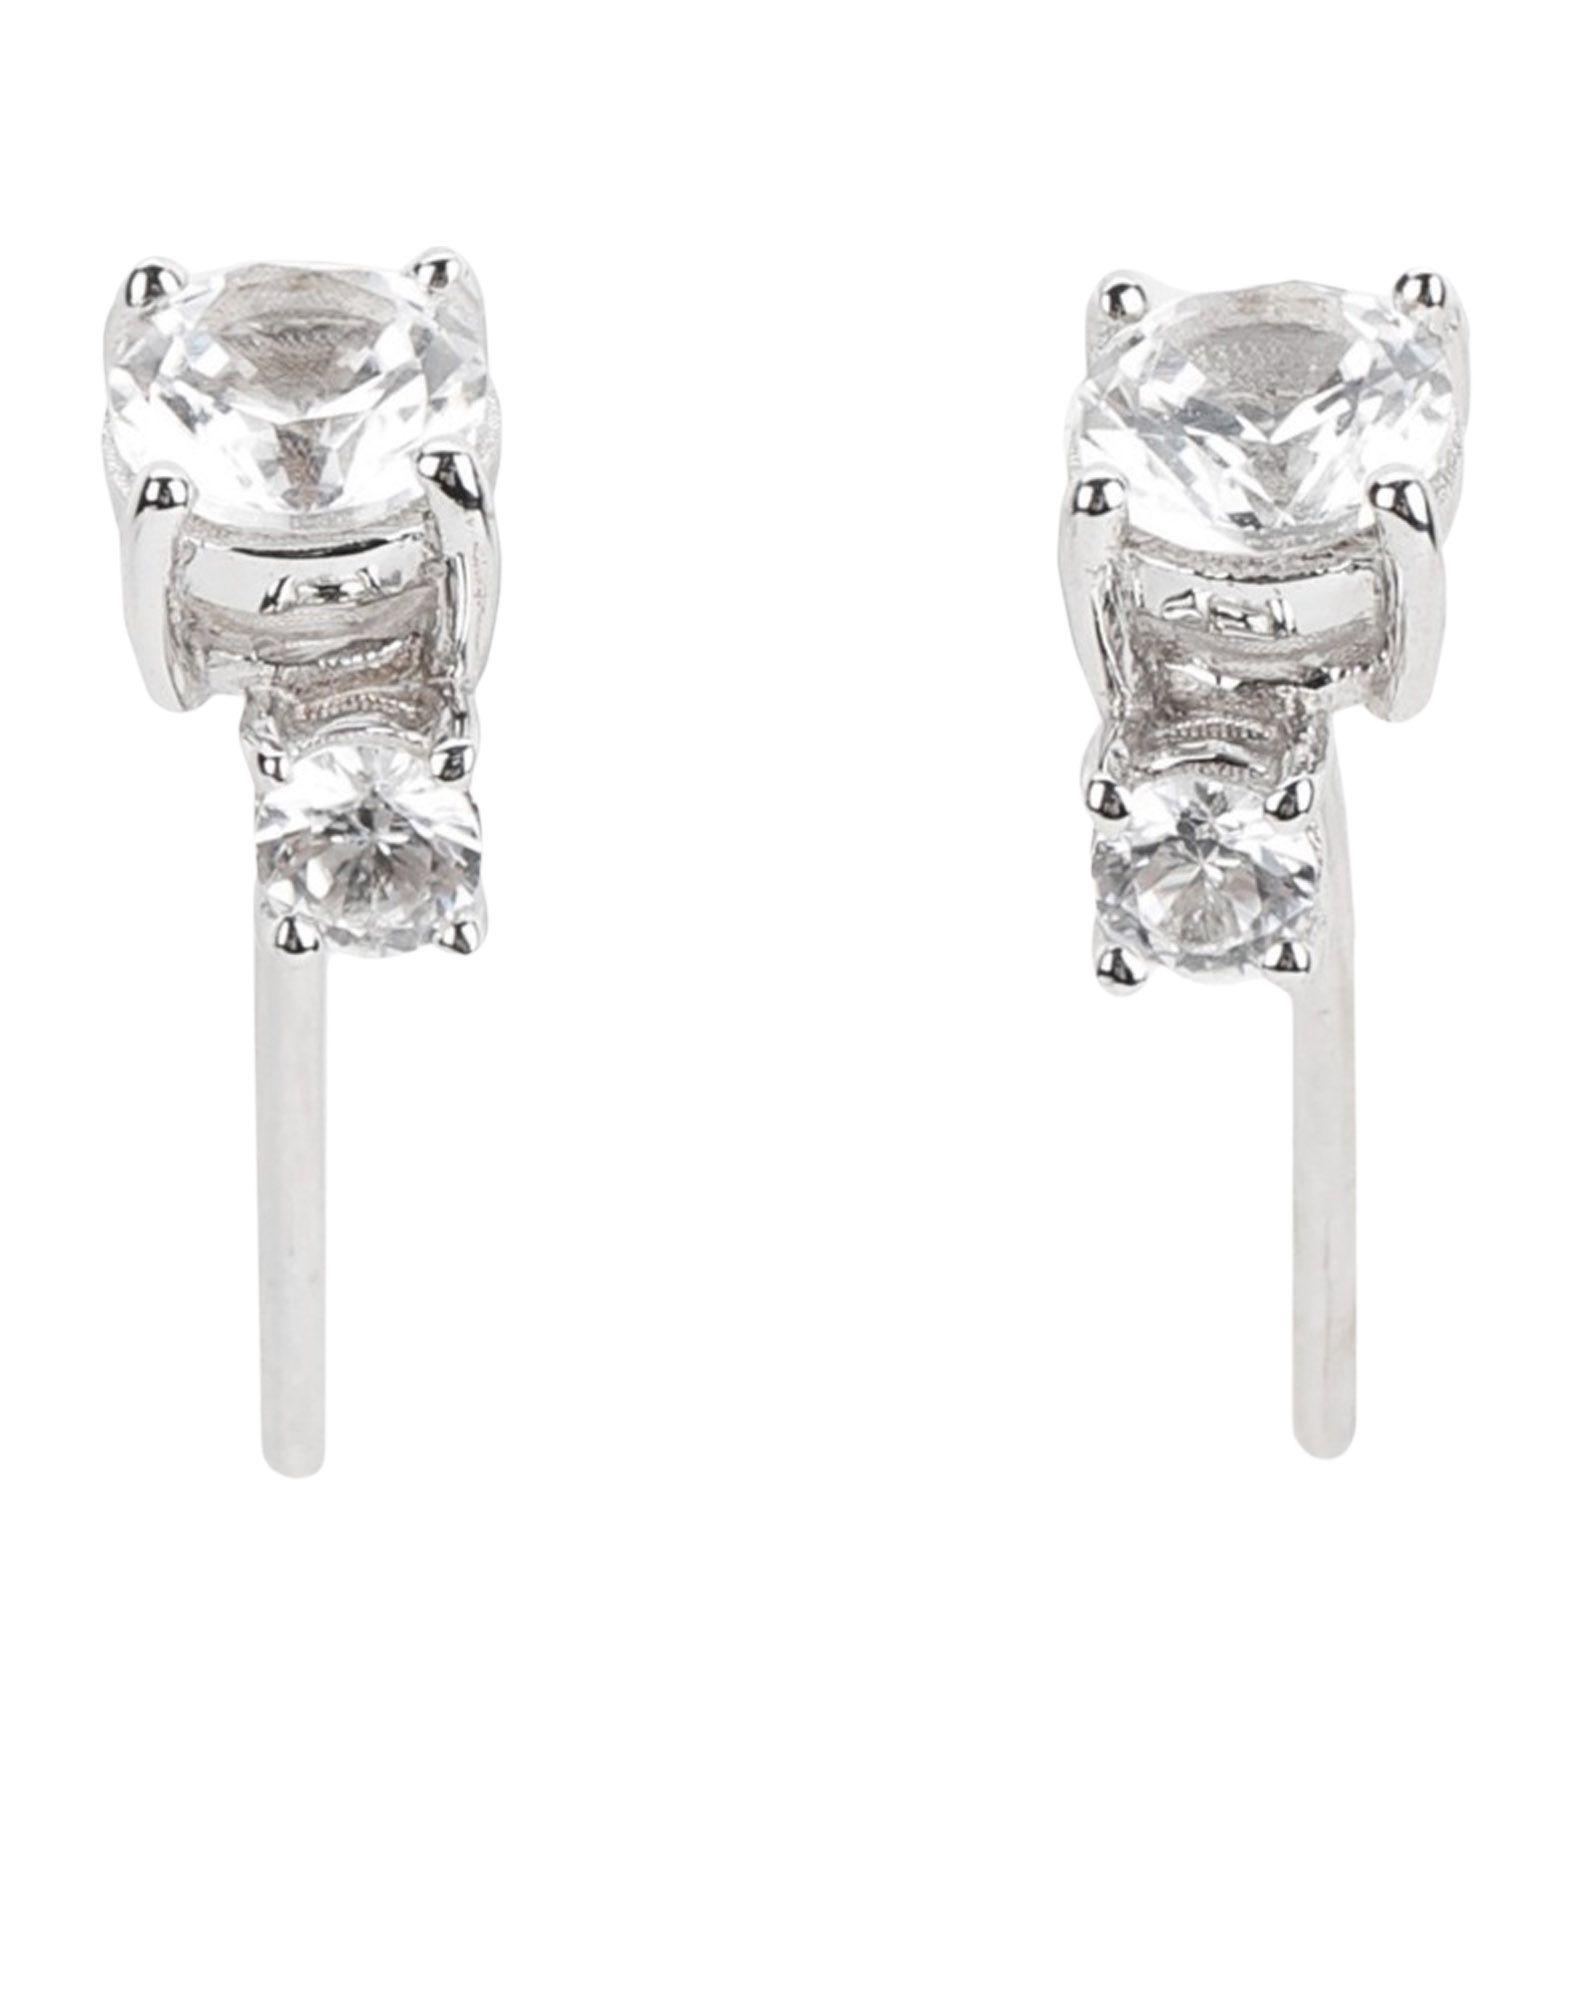 """《期間限定 セール開催中》EK THONGPRASERT レディース イヤリング シルバー シルバー925/1000 / 合成石 """"Silver Earrings With Semi Precious Stones"""" """""""